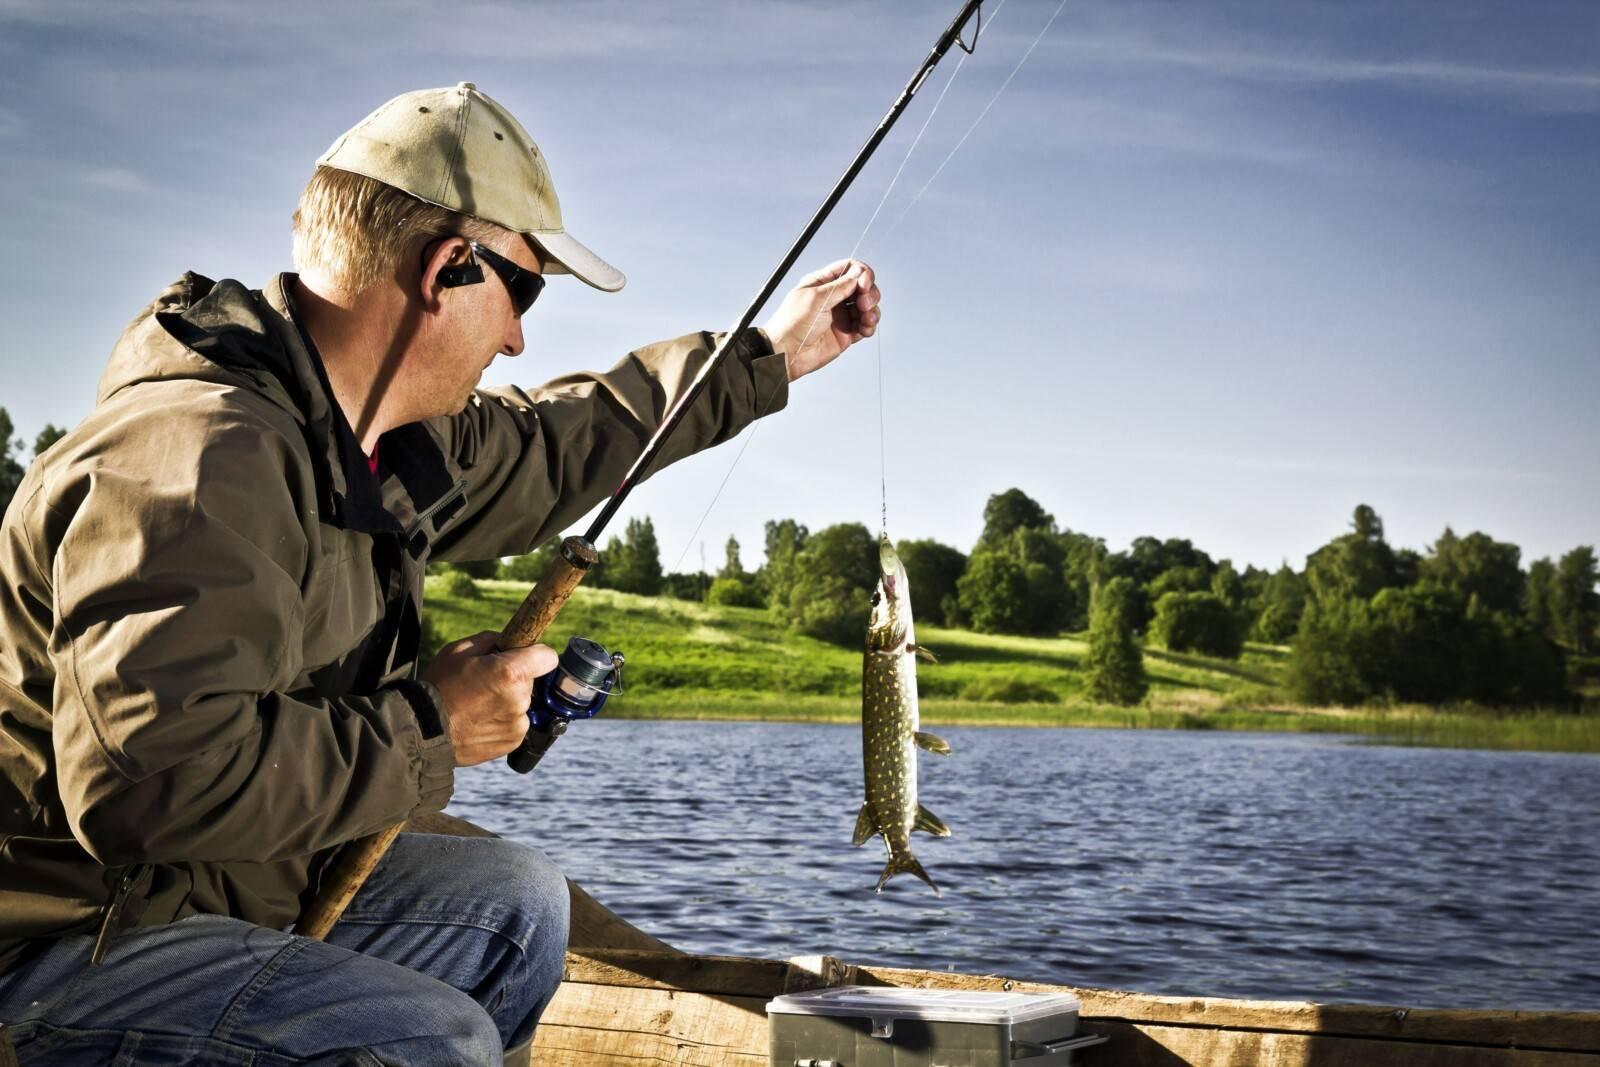 Озера псковской области: отдых и рыбалка, базы отдыха на берегу, отзывы, карта